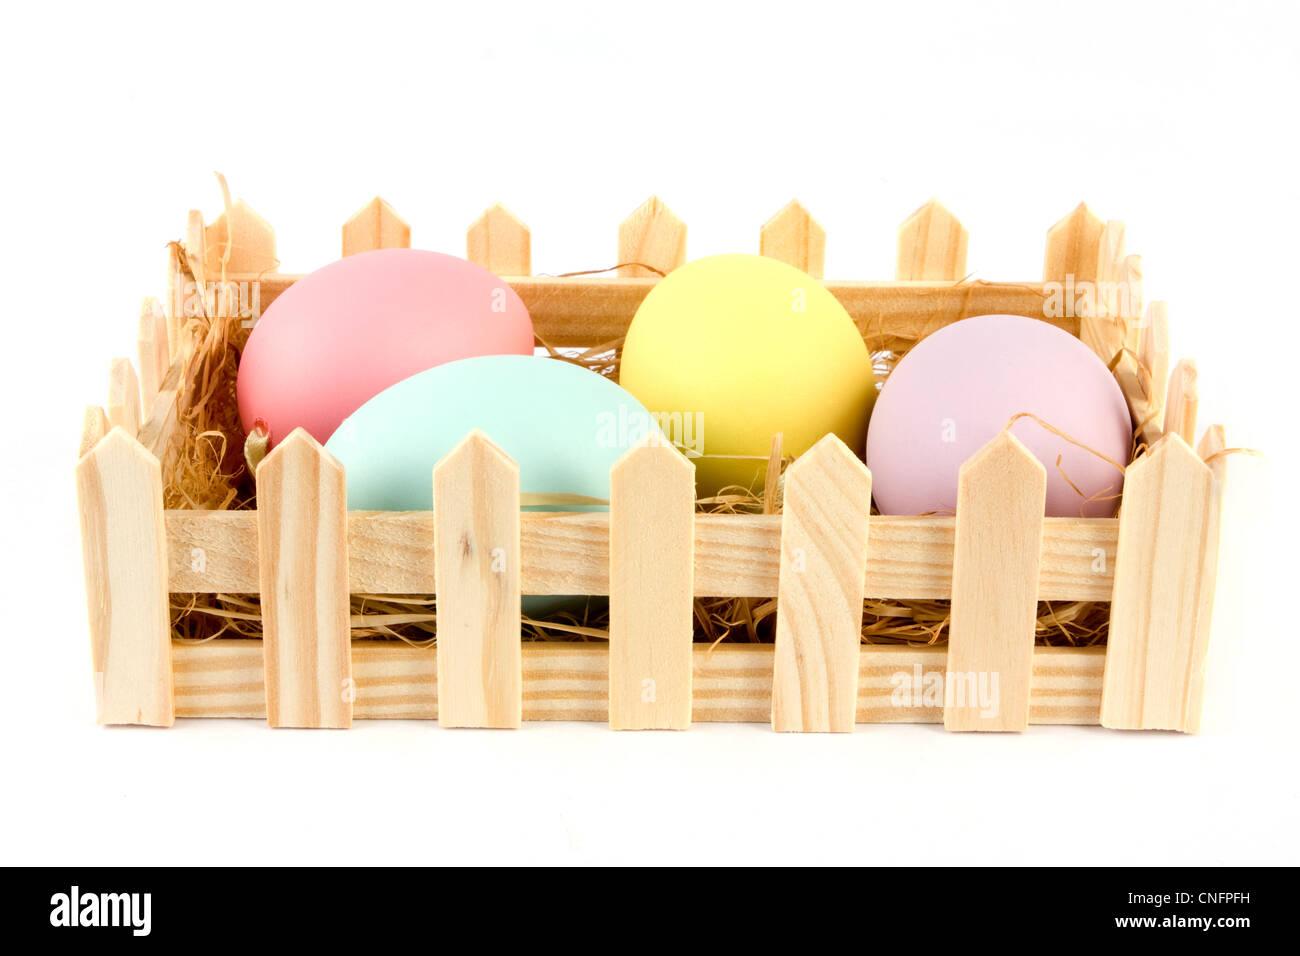 Panier d'oeufs de pâques sur un fond blanc Photo Stock